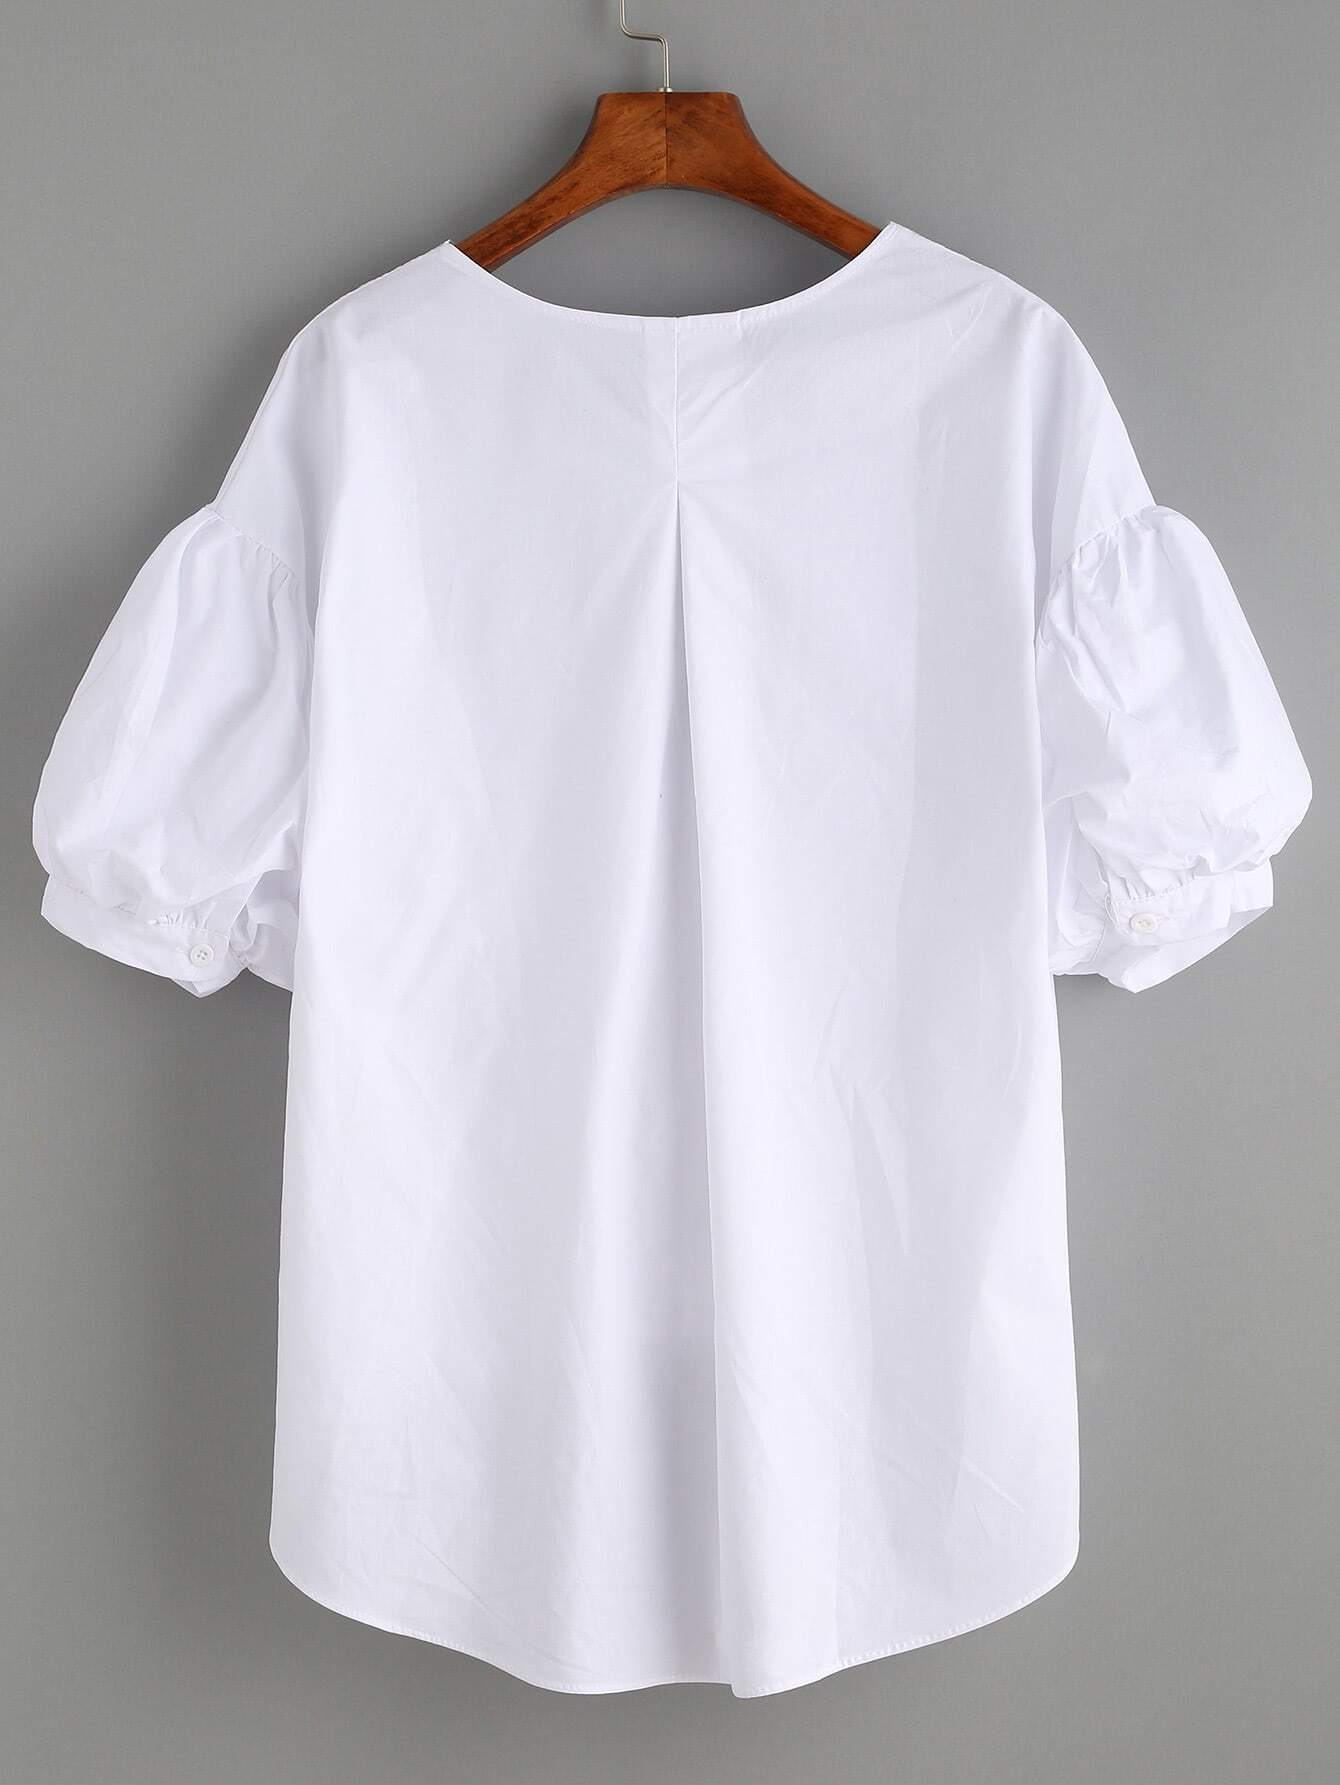 White Cotton Blouses Uk